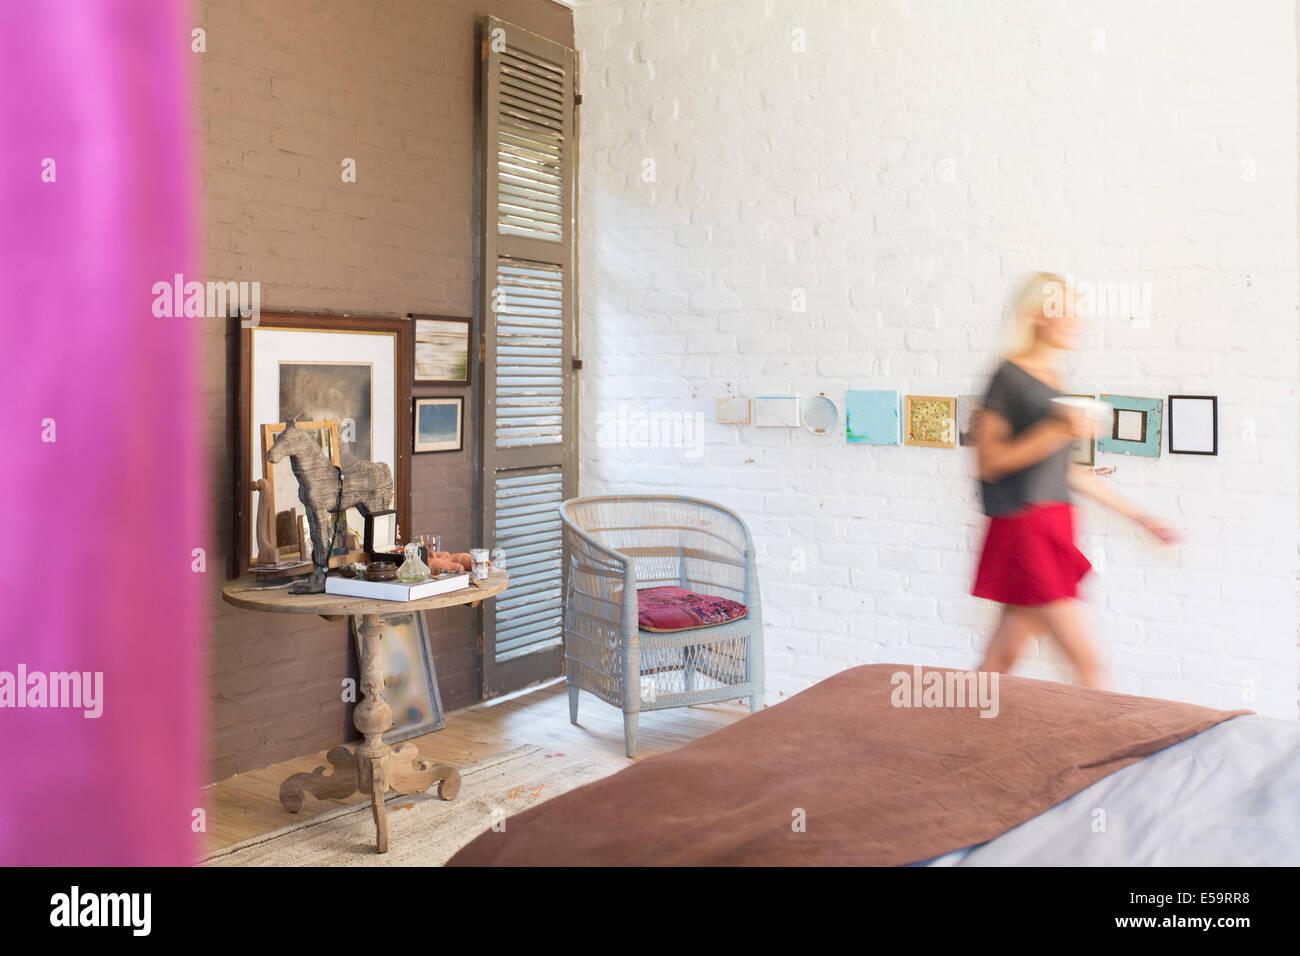 Vista borrosa de una mujer caminando en dormitorio Imagen De Stock